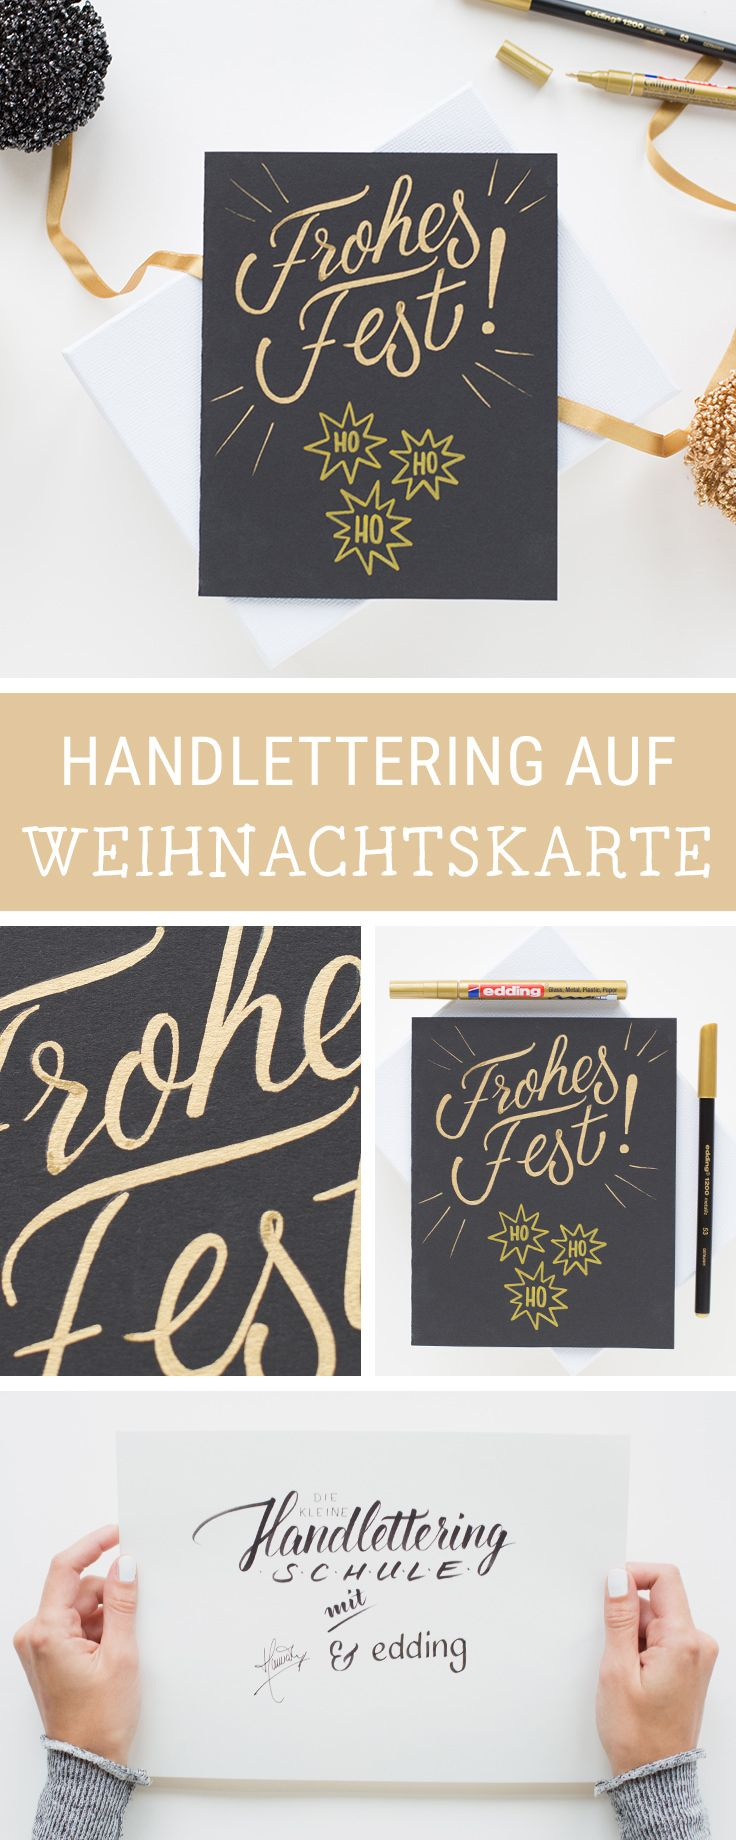 Diy inspiration für gestaltete weihnachtskarten wir zeigen dir zusammen mit edding wie du